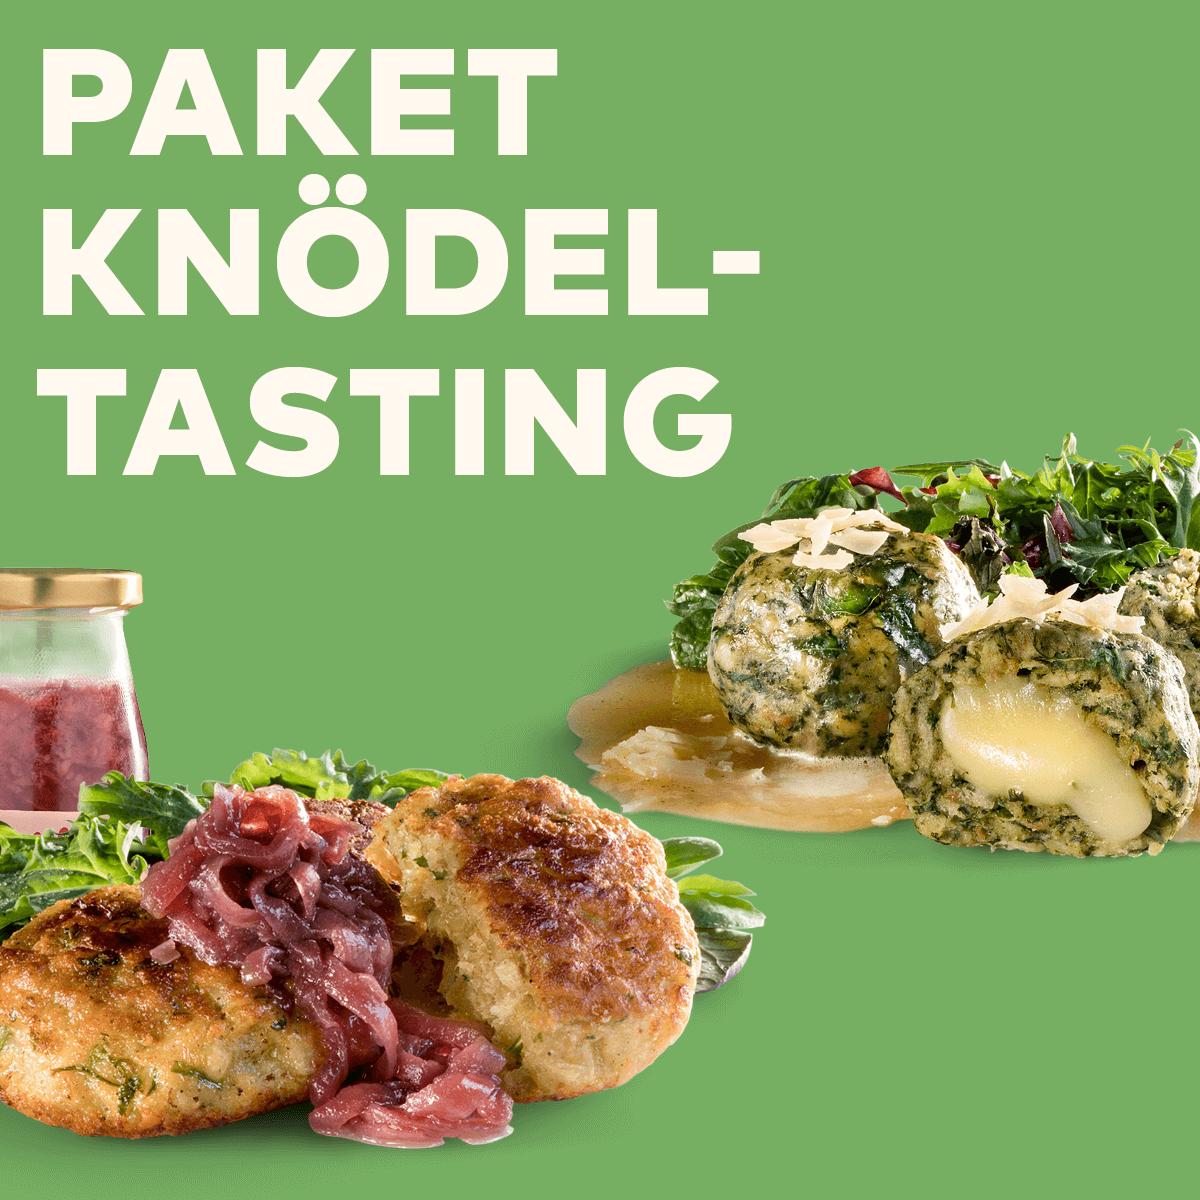 Paket Knödel-Tasting